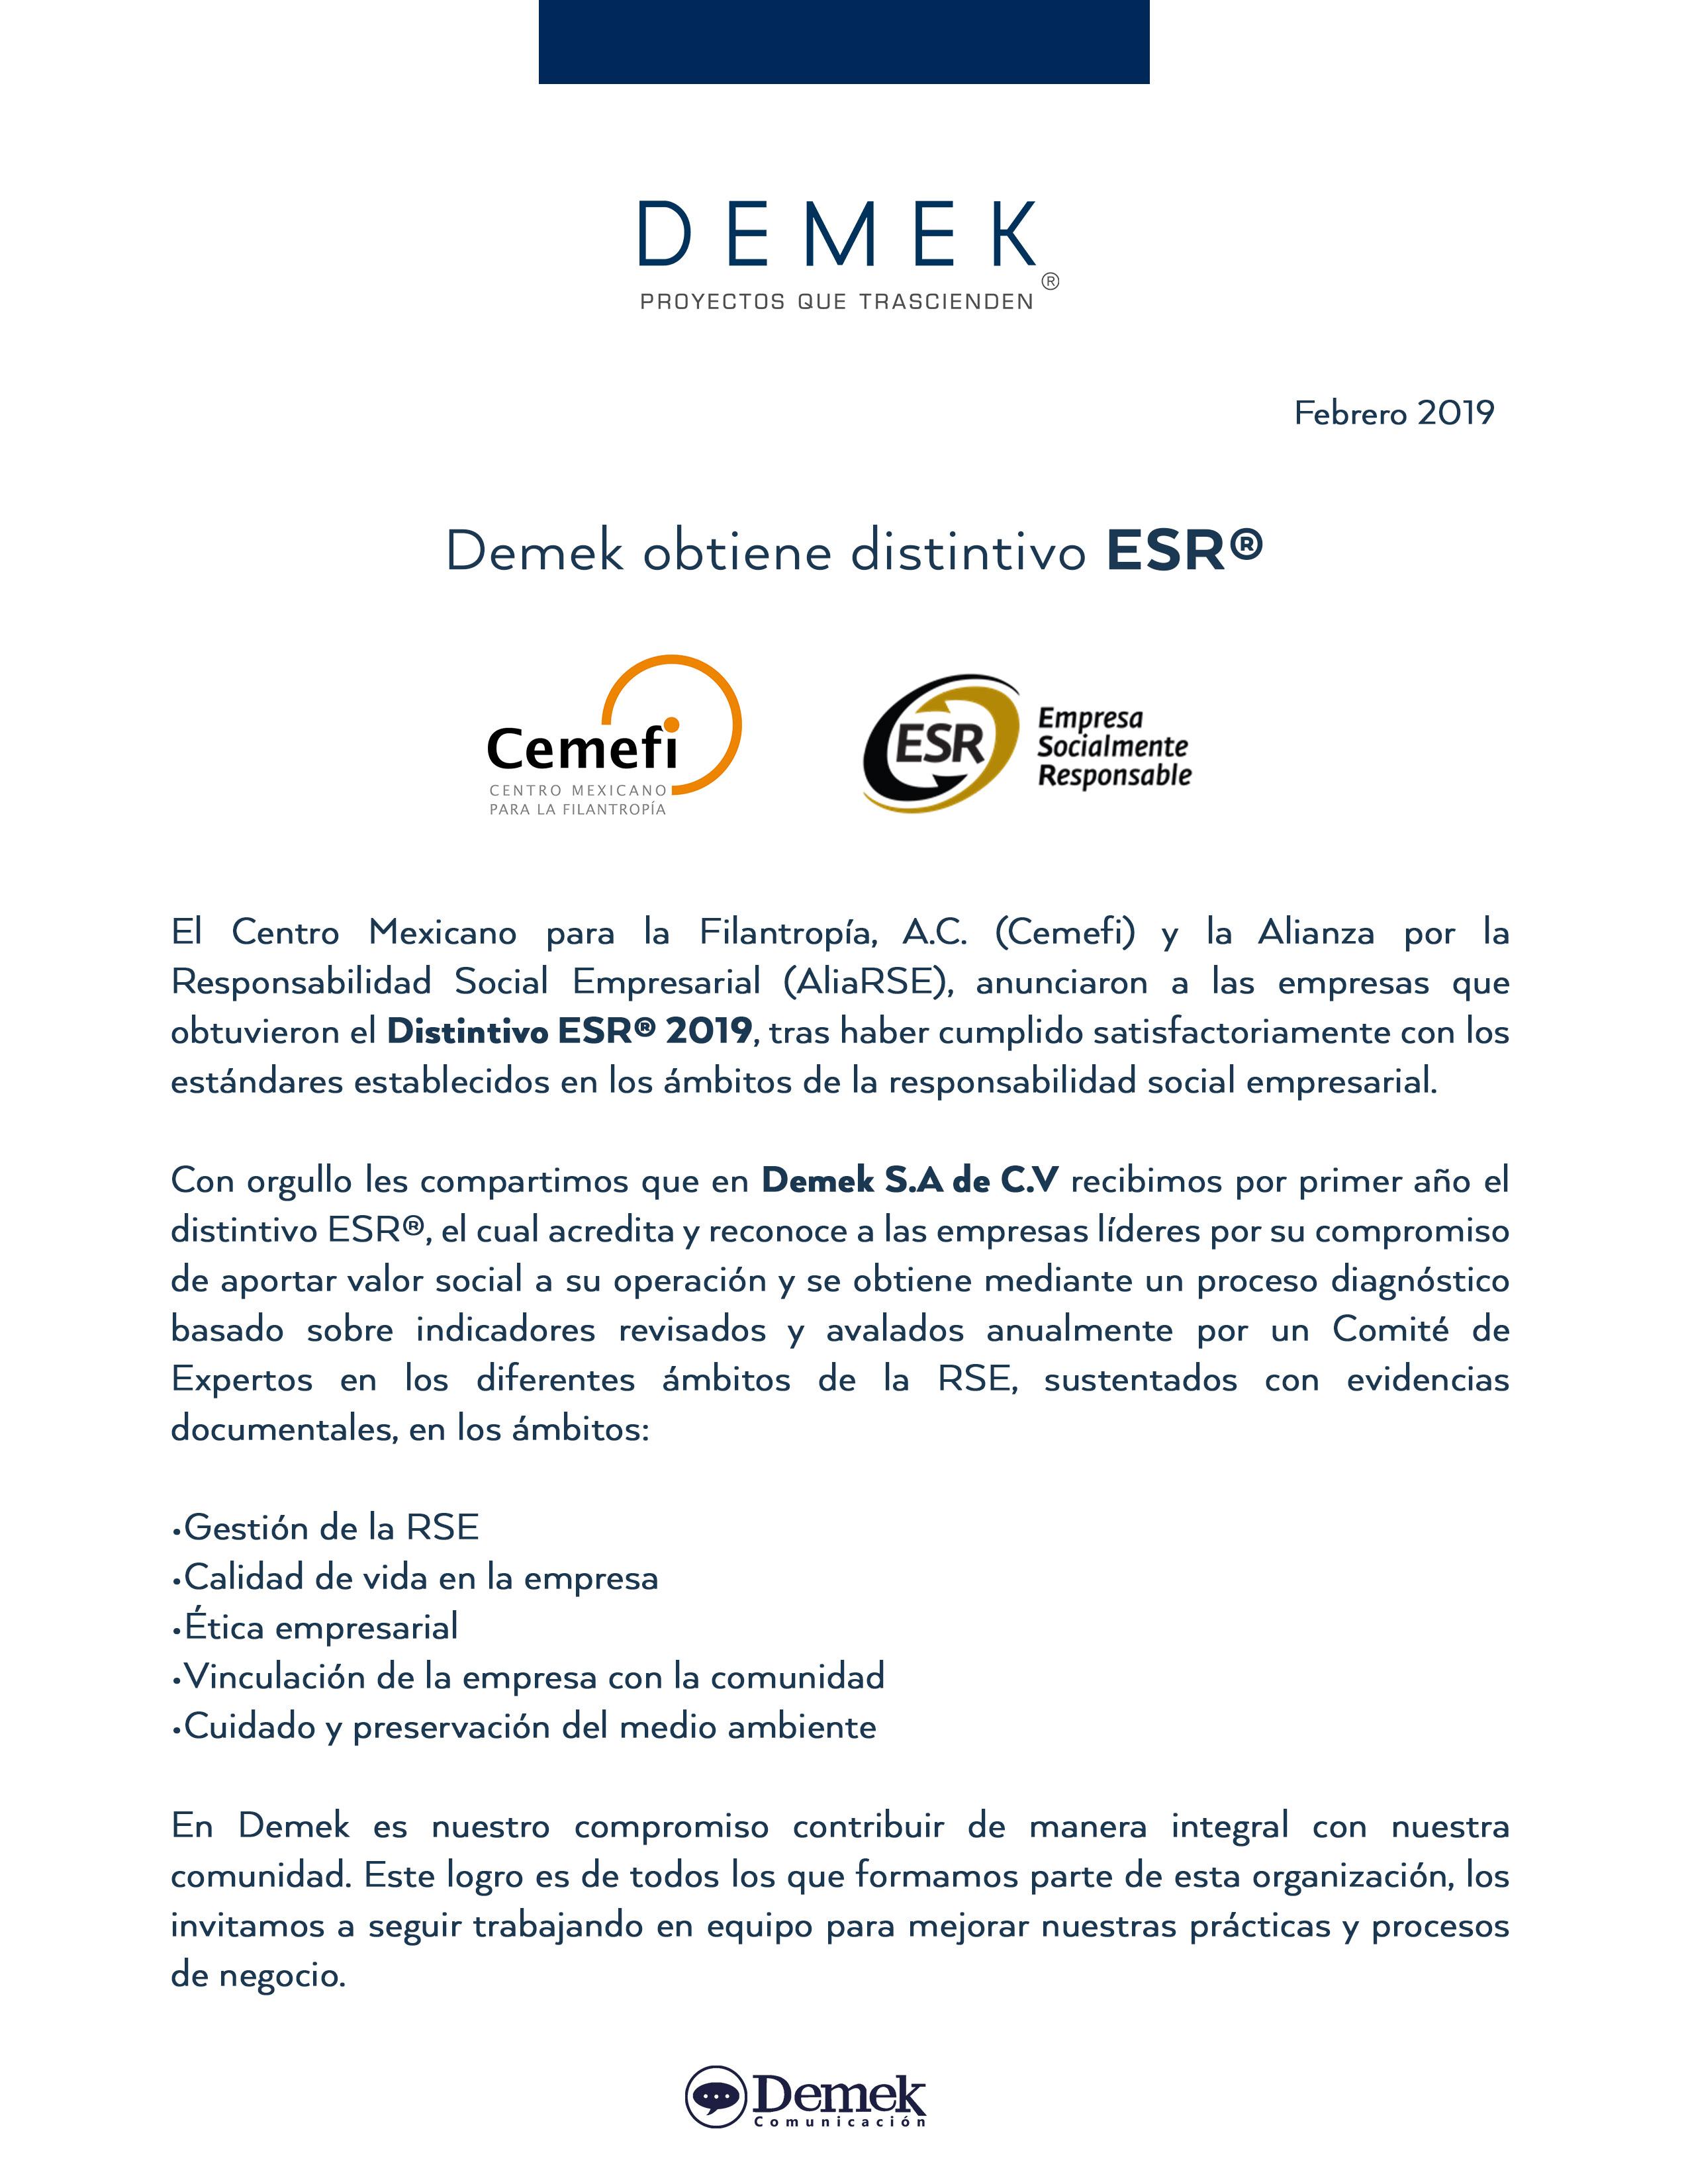 Demek obtain ESR insignia